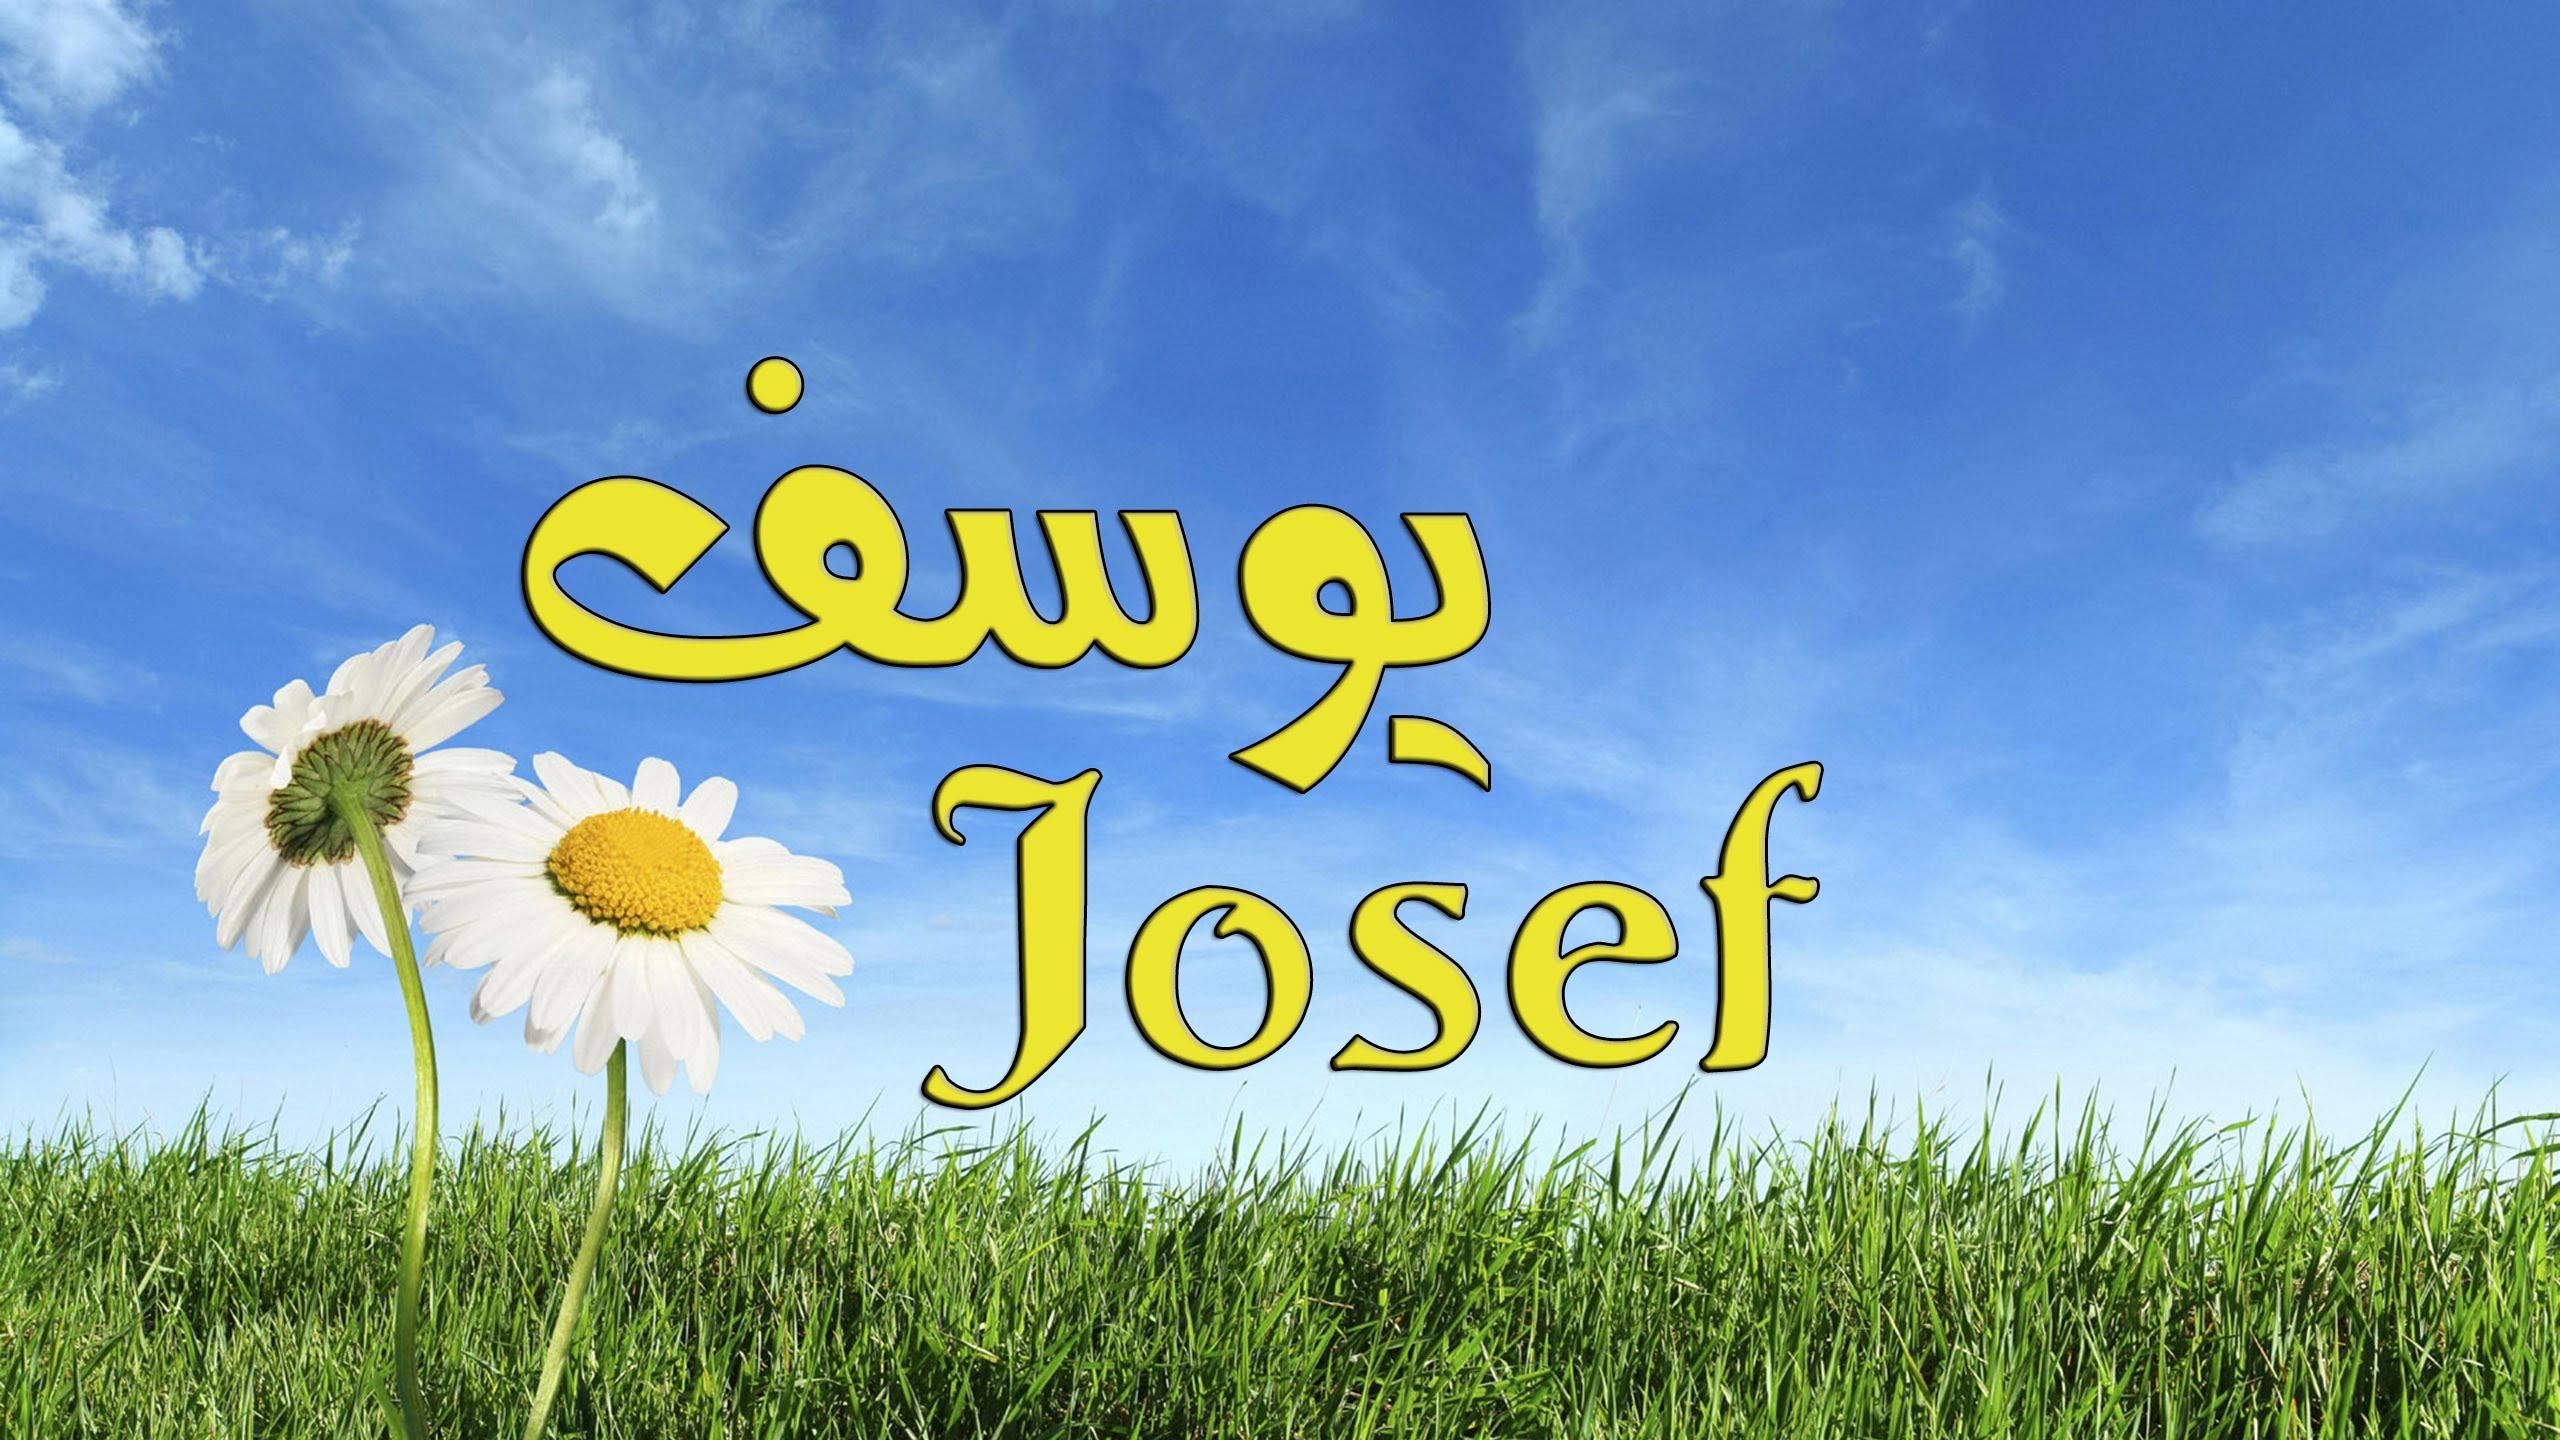 صوره معني اسم يوسف , تعرف على معنى اسم ولد يوسف